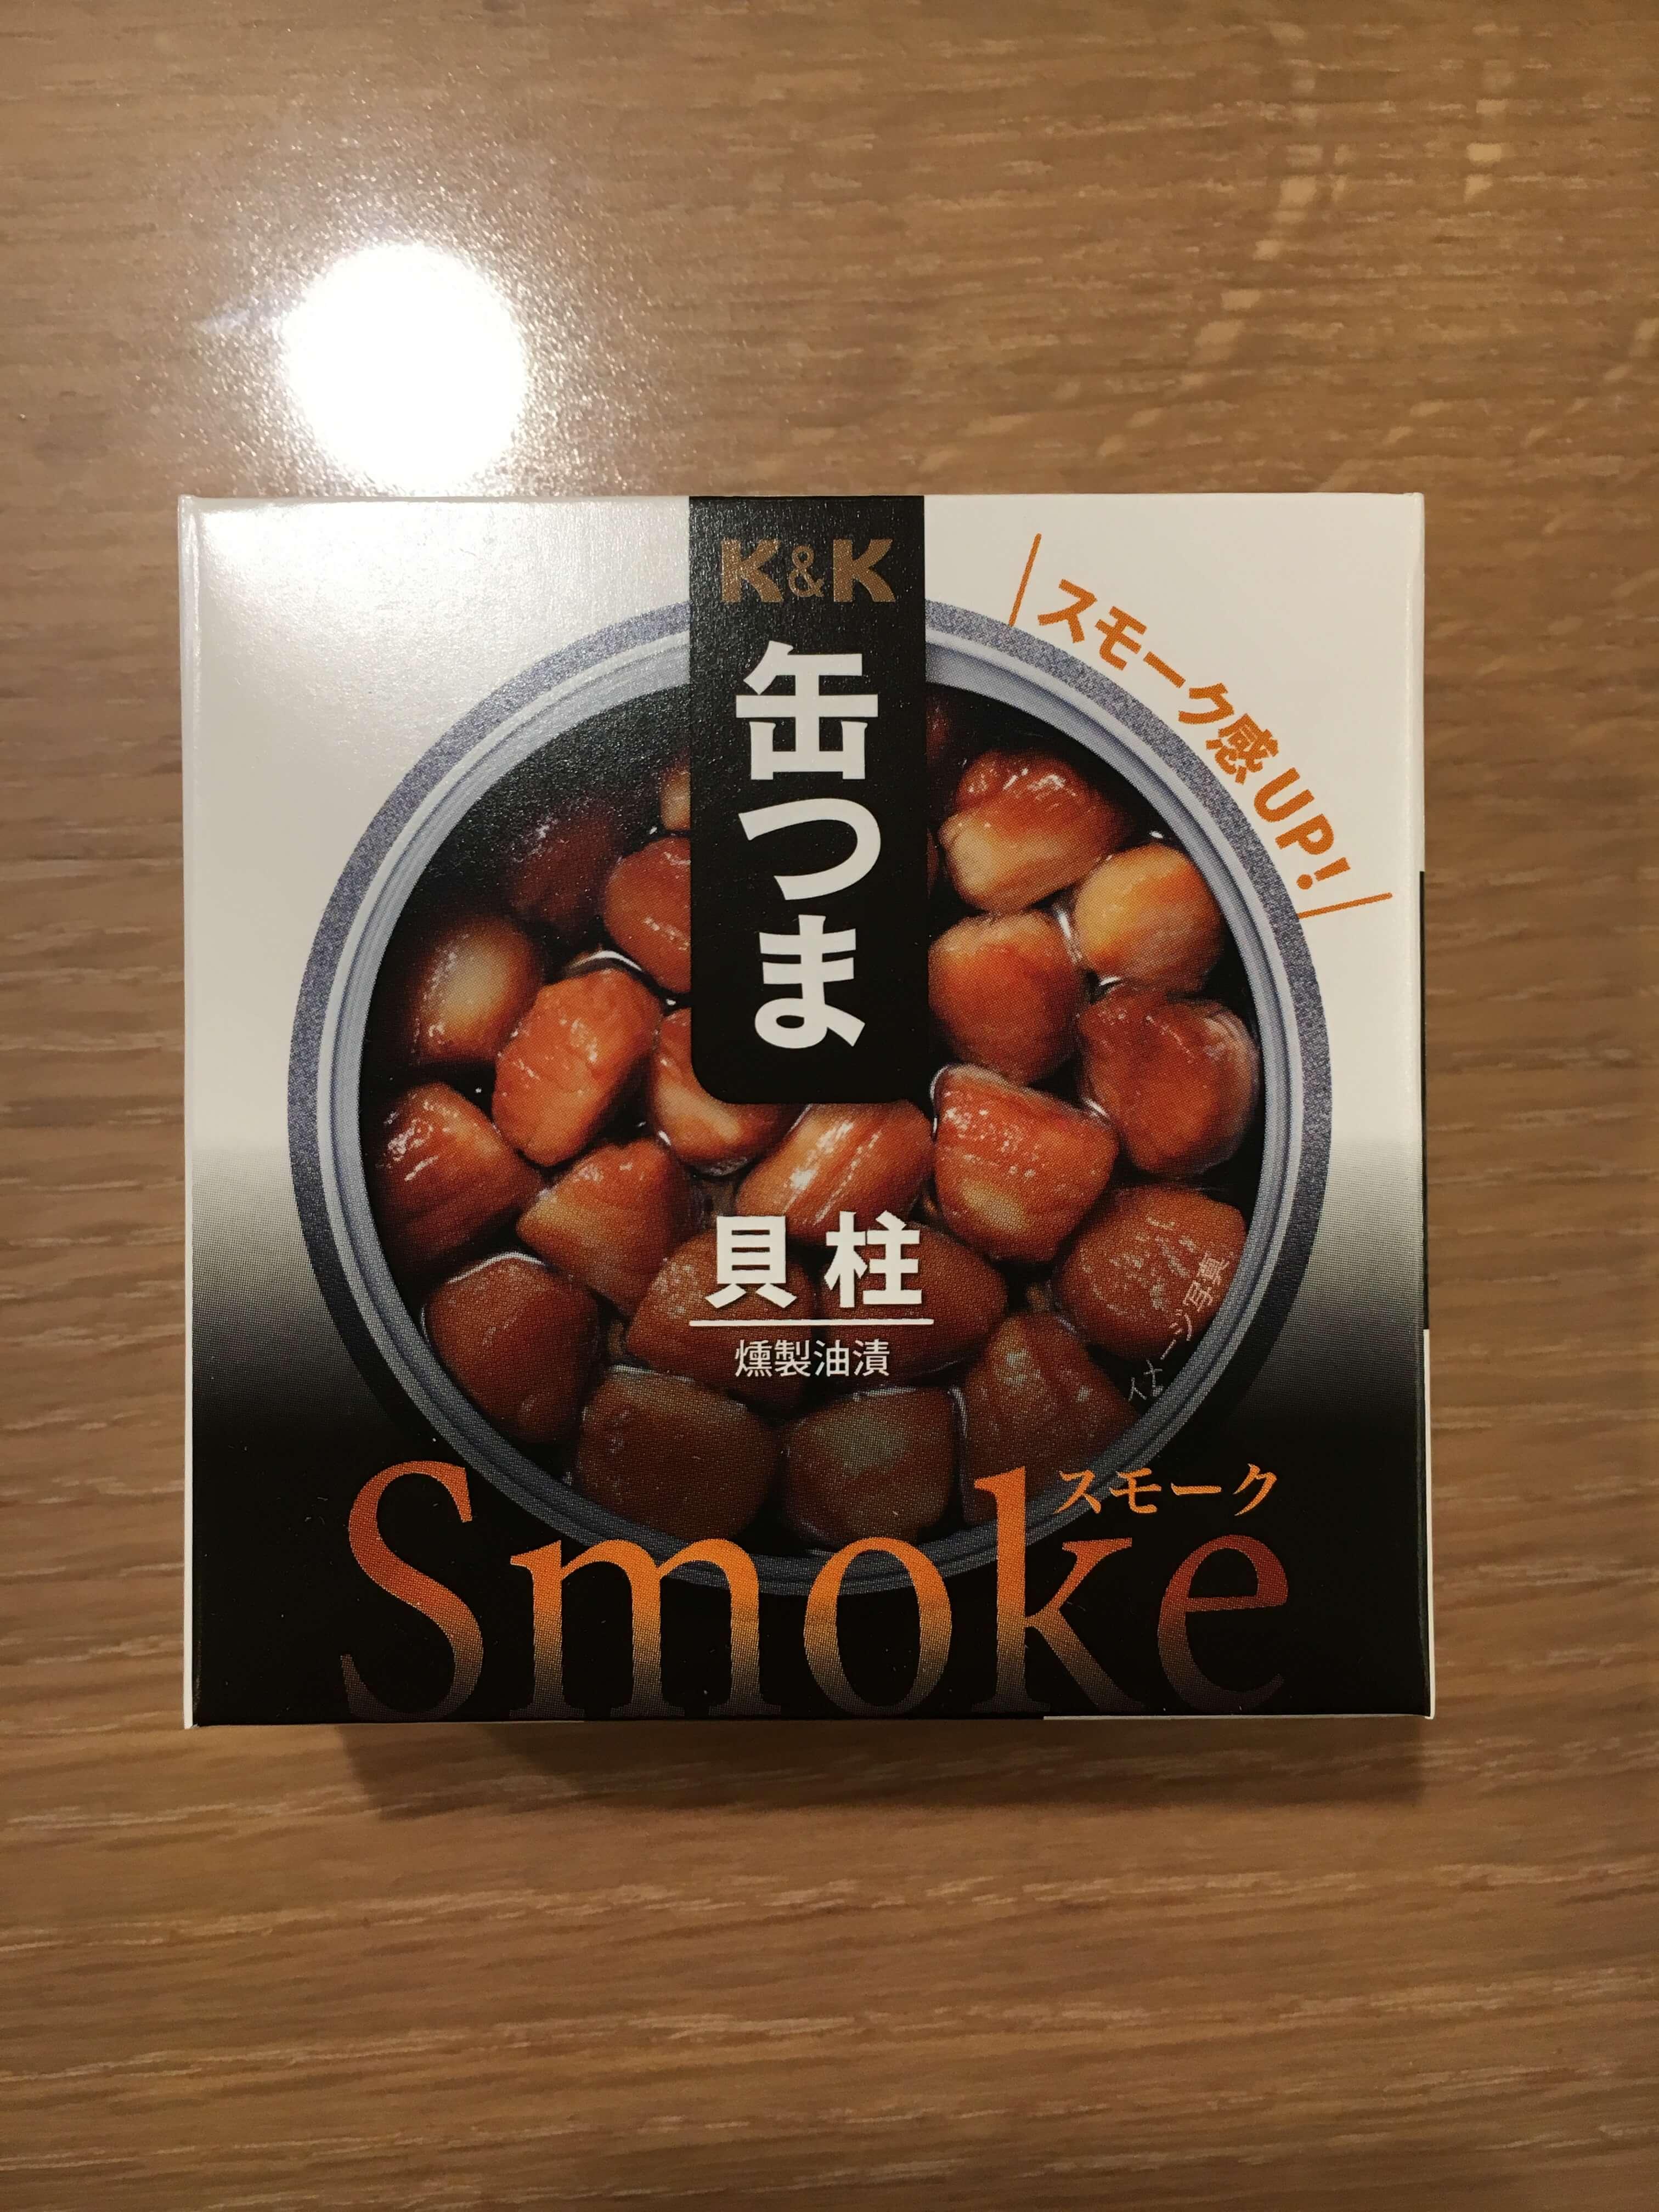 K&K 缶つまSmoke 貝柱 なんだこの甘みは・・・ めっちゃ美味い